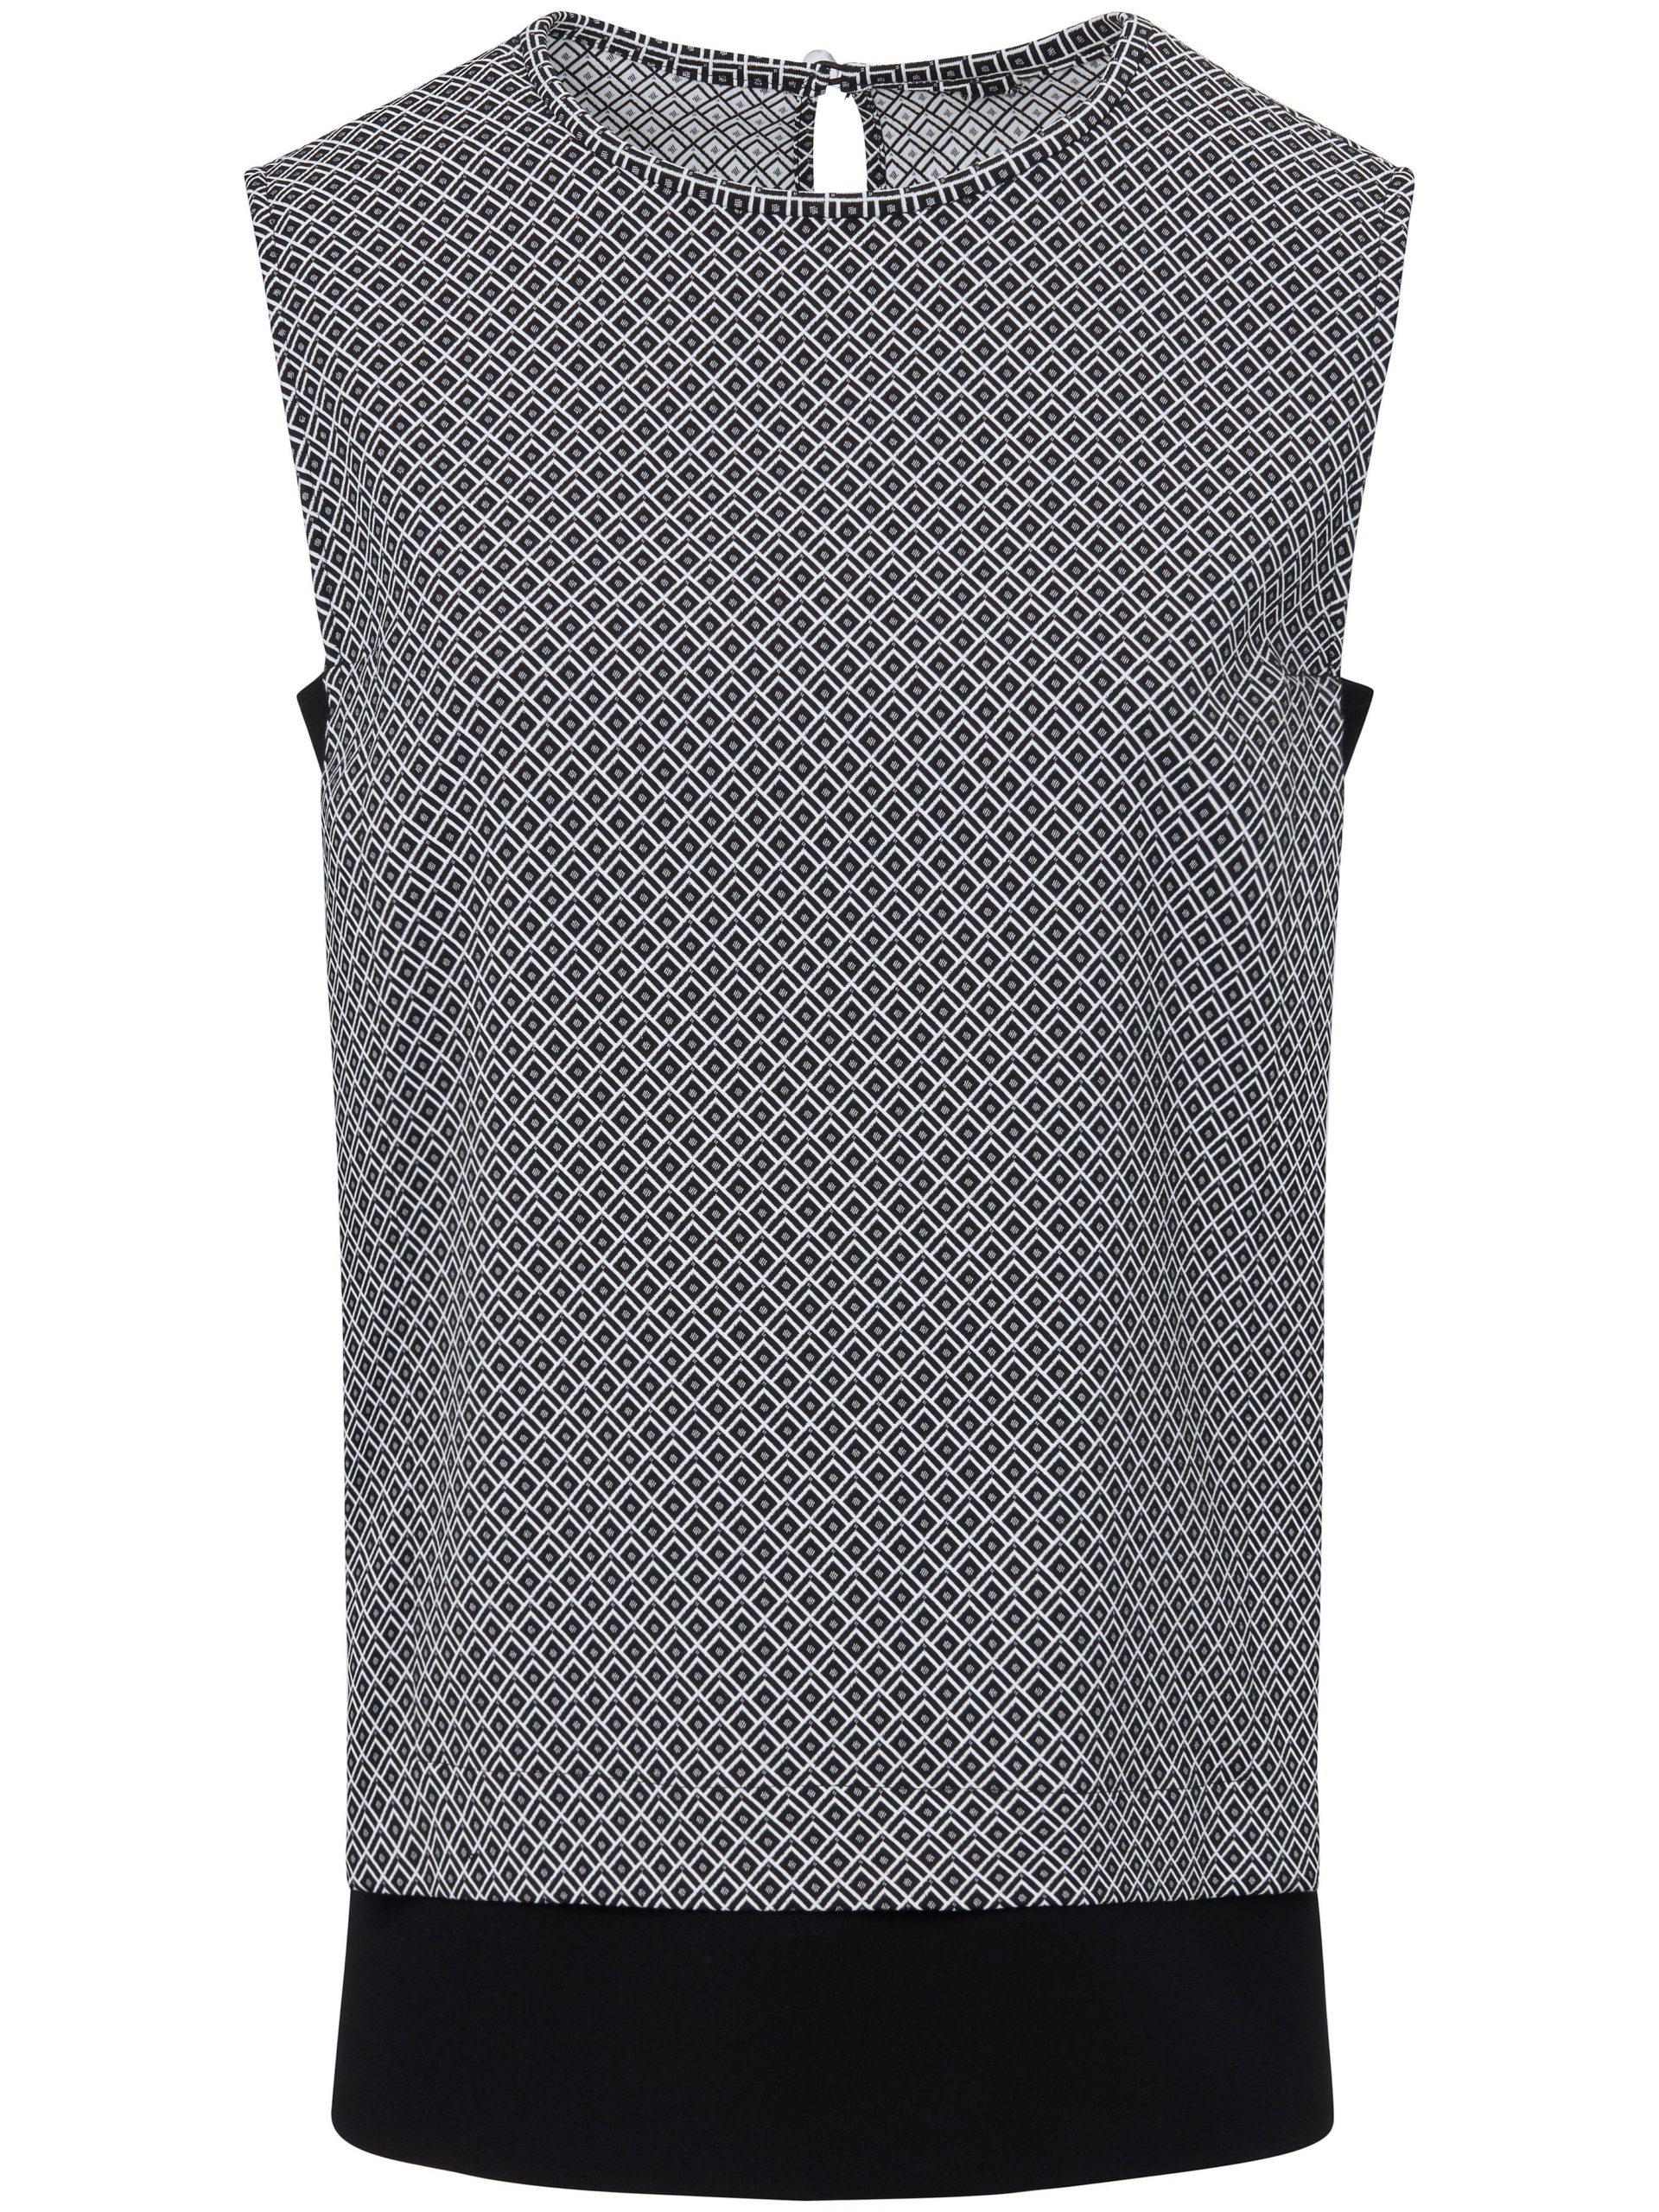 Mouwloos shirt in recht model Van St. Emile multicolour Kopen